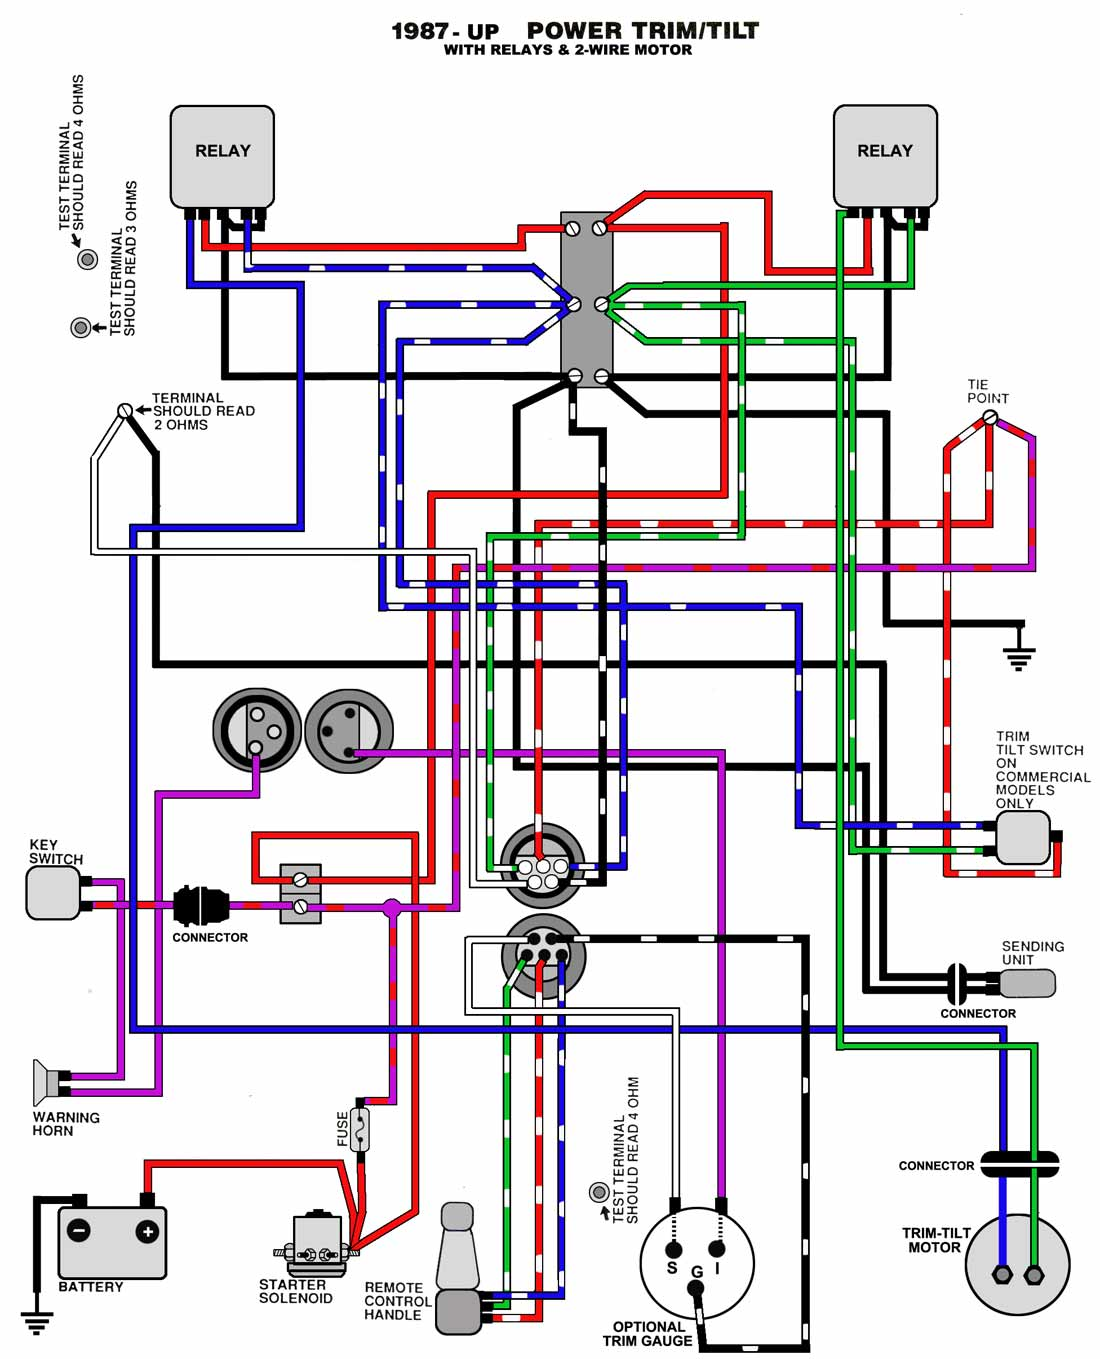 TnT_87_UP?resize\\\=680%2C840 1978 johnson 55hp wiring schematics wiring diagrams \u2022